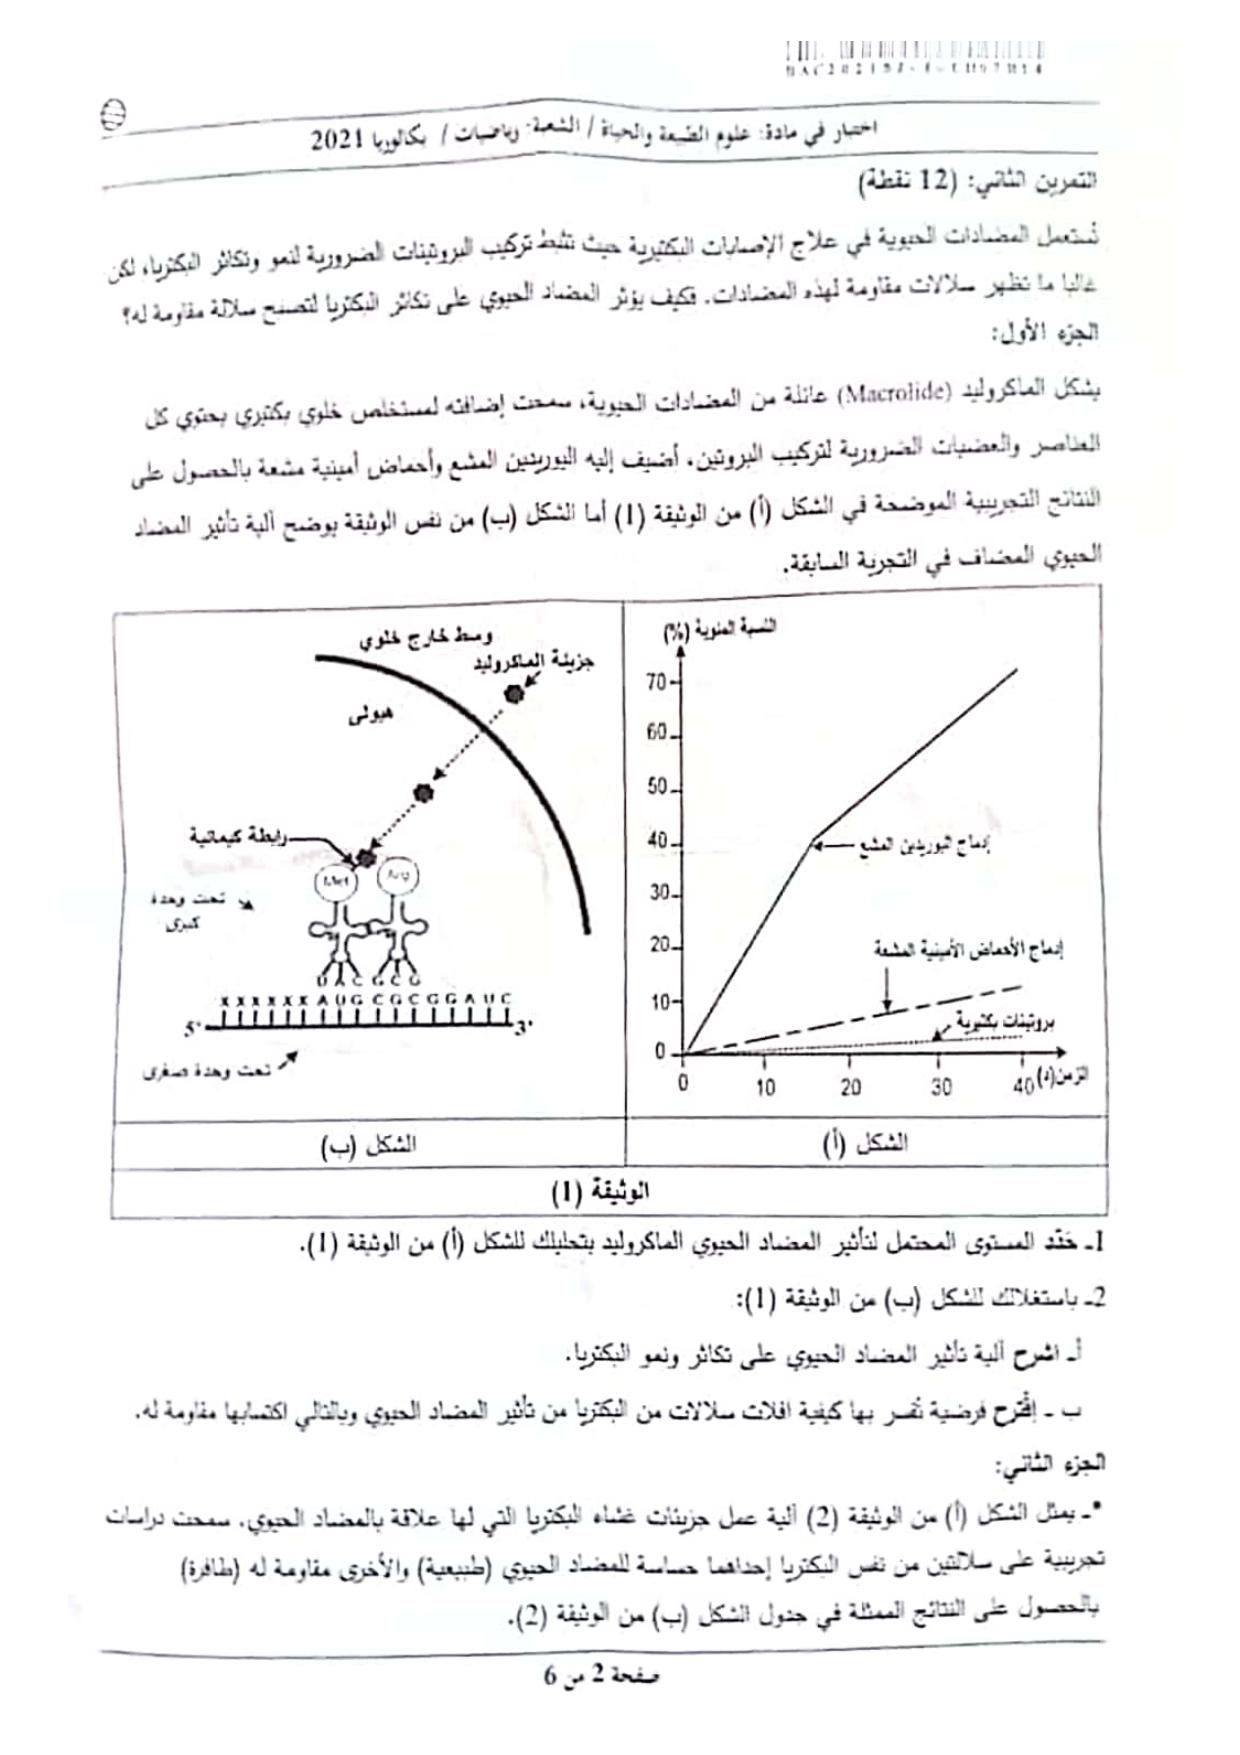 موضوع العلوم الطبيعية بكالوريا 2021 شعبة رياضيات